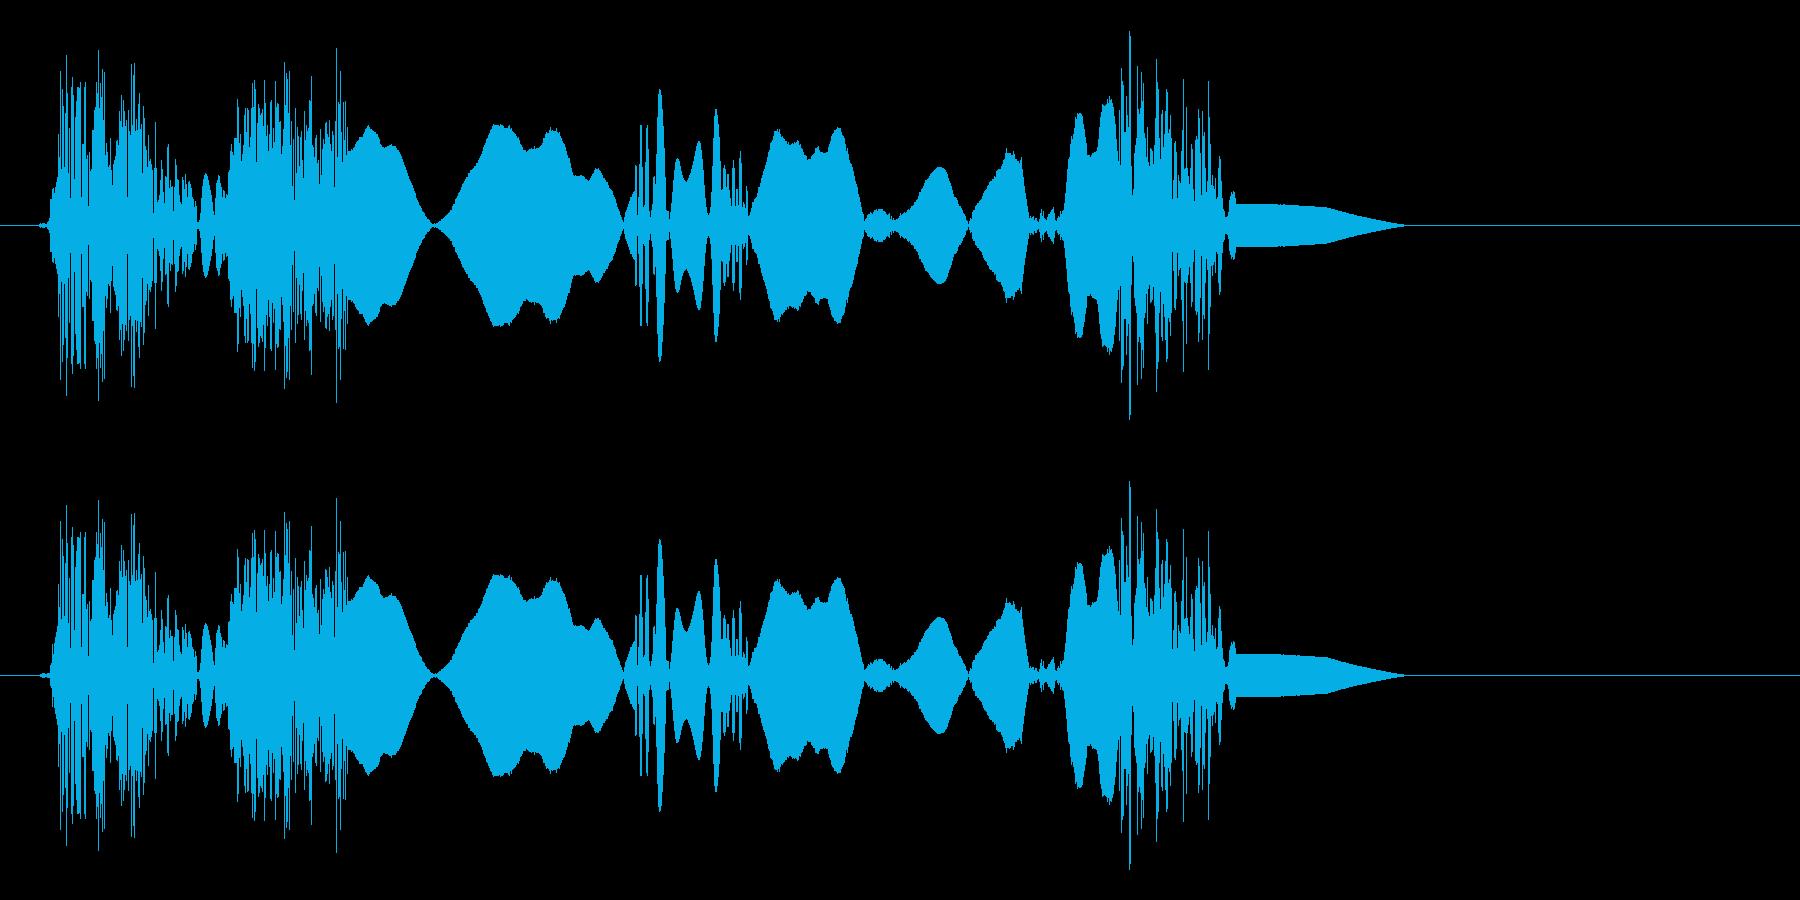 チュクルキュ(摩擦音)の再生済みの波形